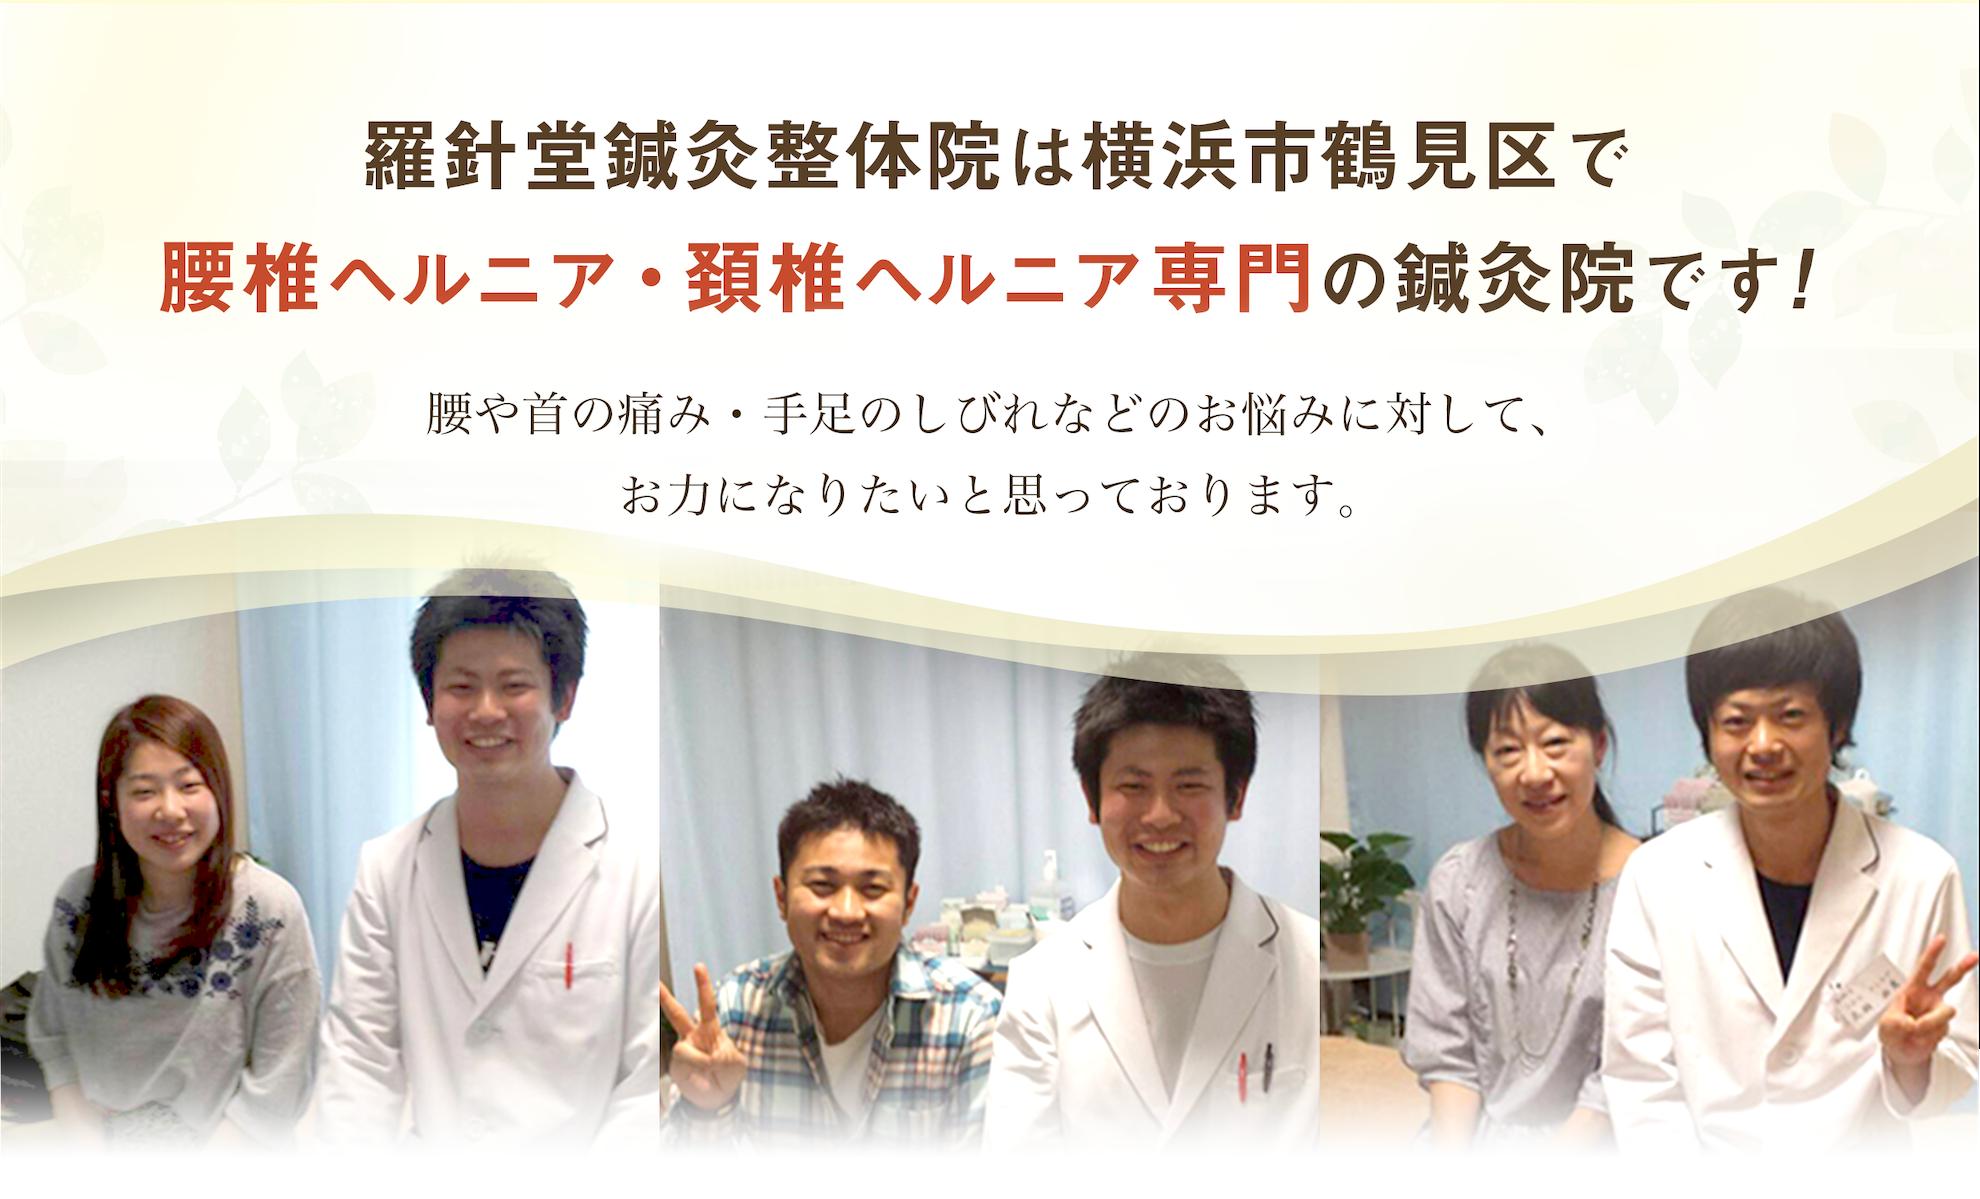 羅針堂鍼灸整体院は横浜市鶴見区で 腰椎ヘルニア・頚椎ヘルニア専門の鍼灸院です!腰や首の痛み・手足のしびれなどのお悩みに対して、 お力になりたいと思っております。